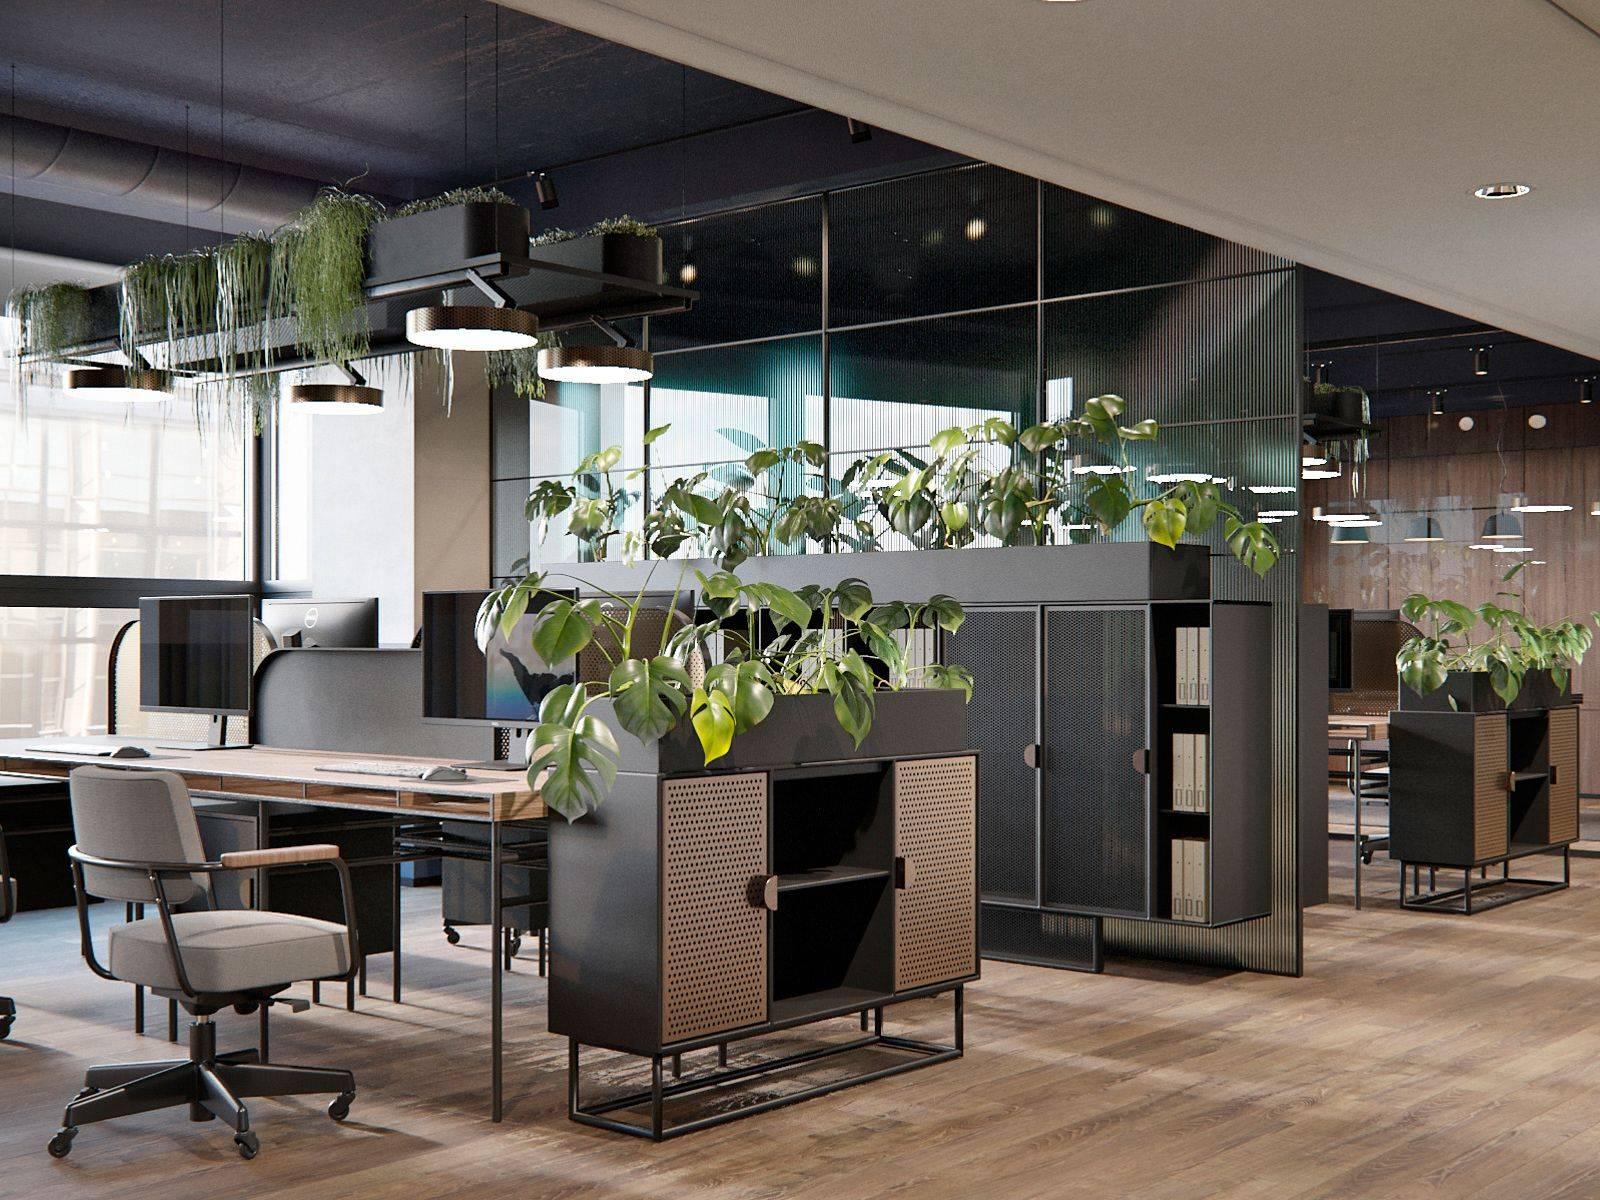 طراحی داخلی اداری چگونه است؟